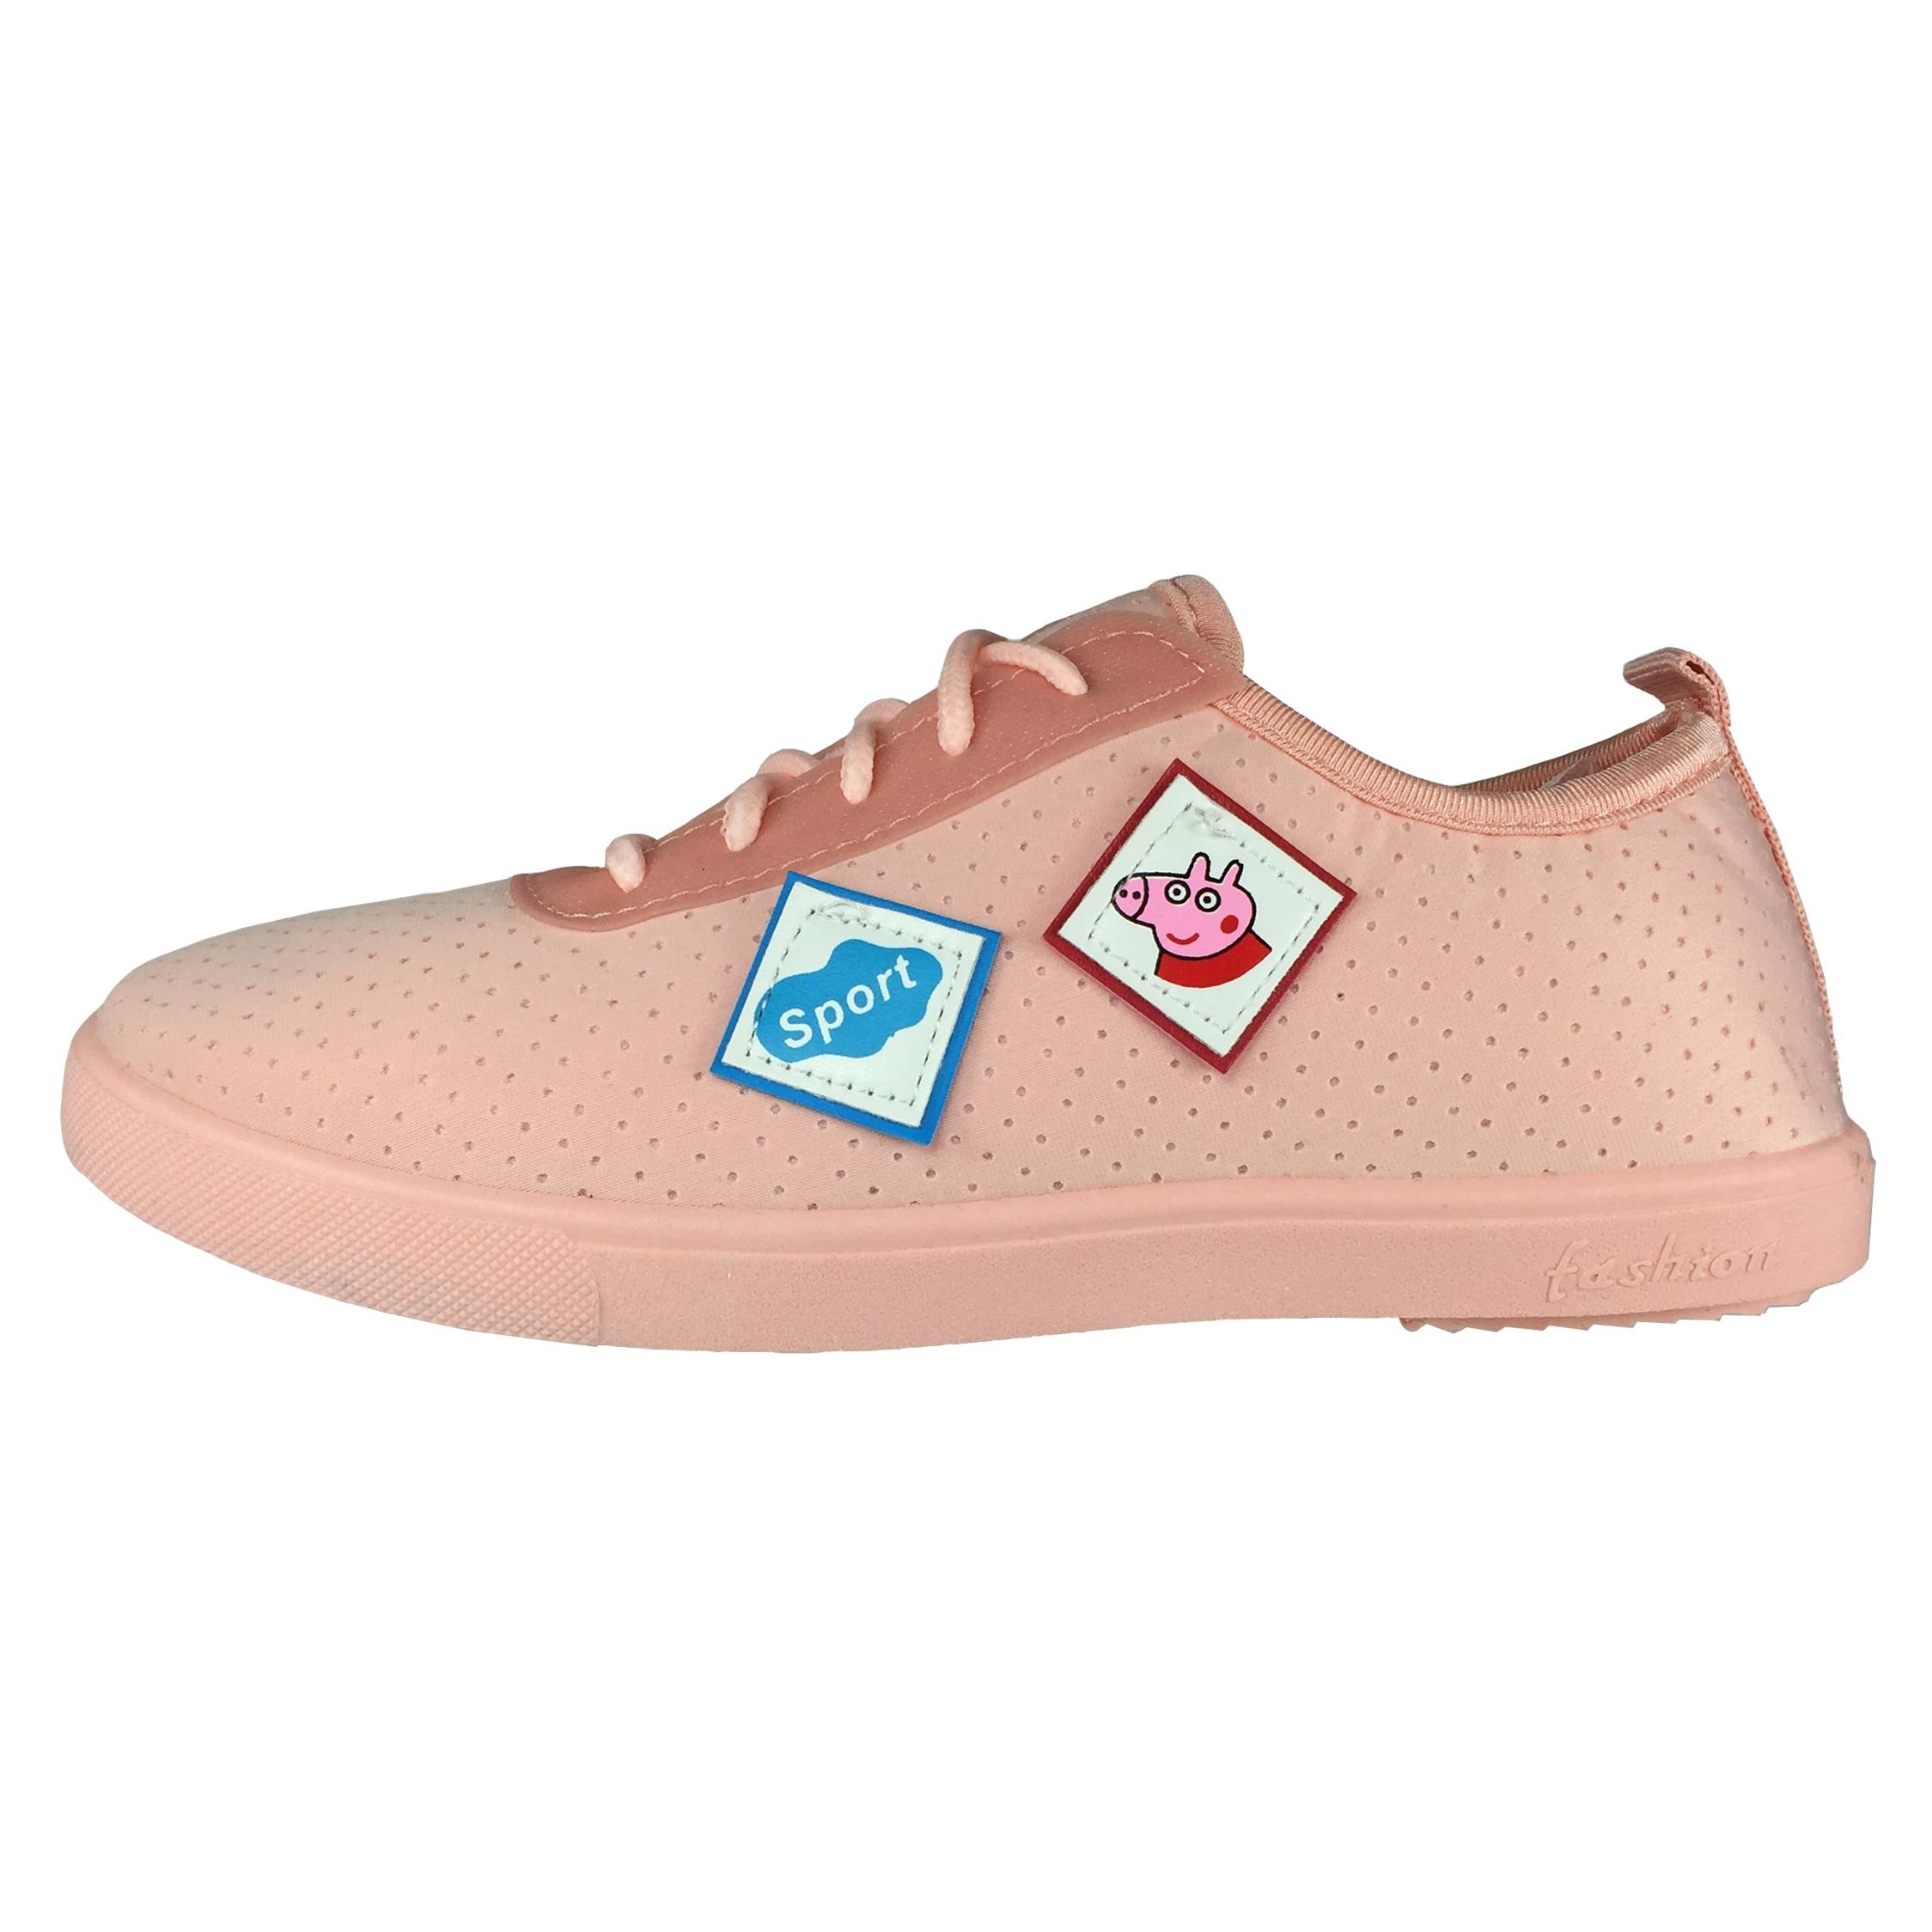 کفش راحتی زنانه مدل B528 رنگ صورتی